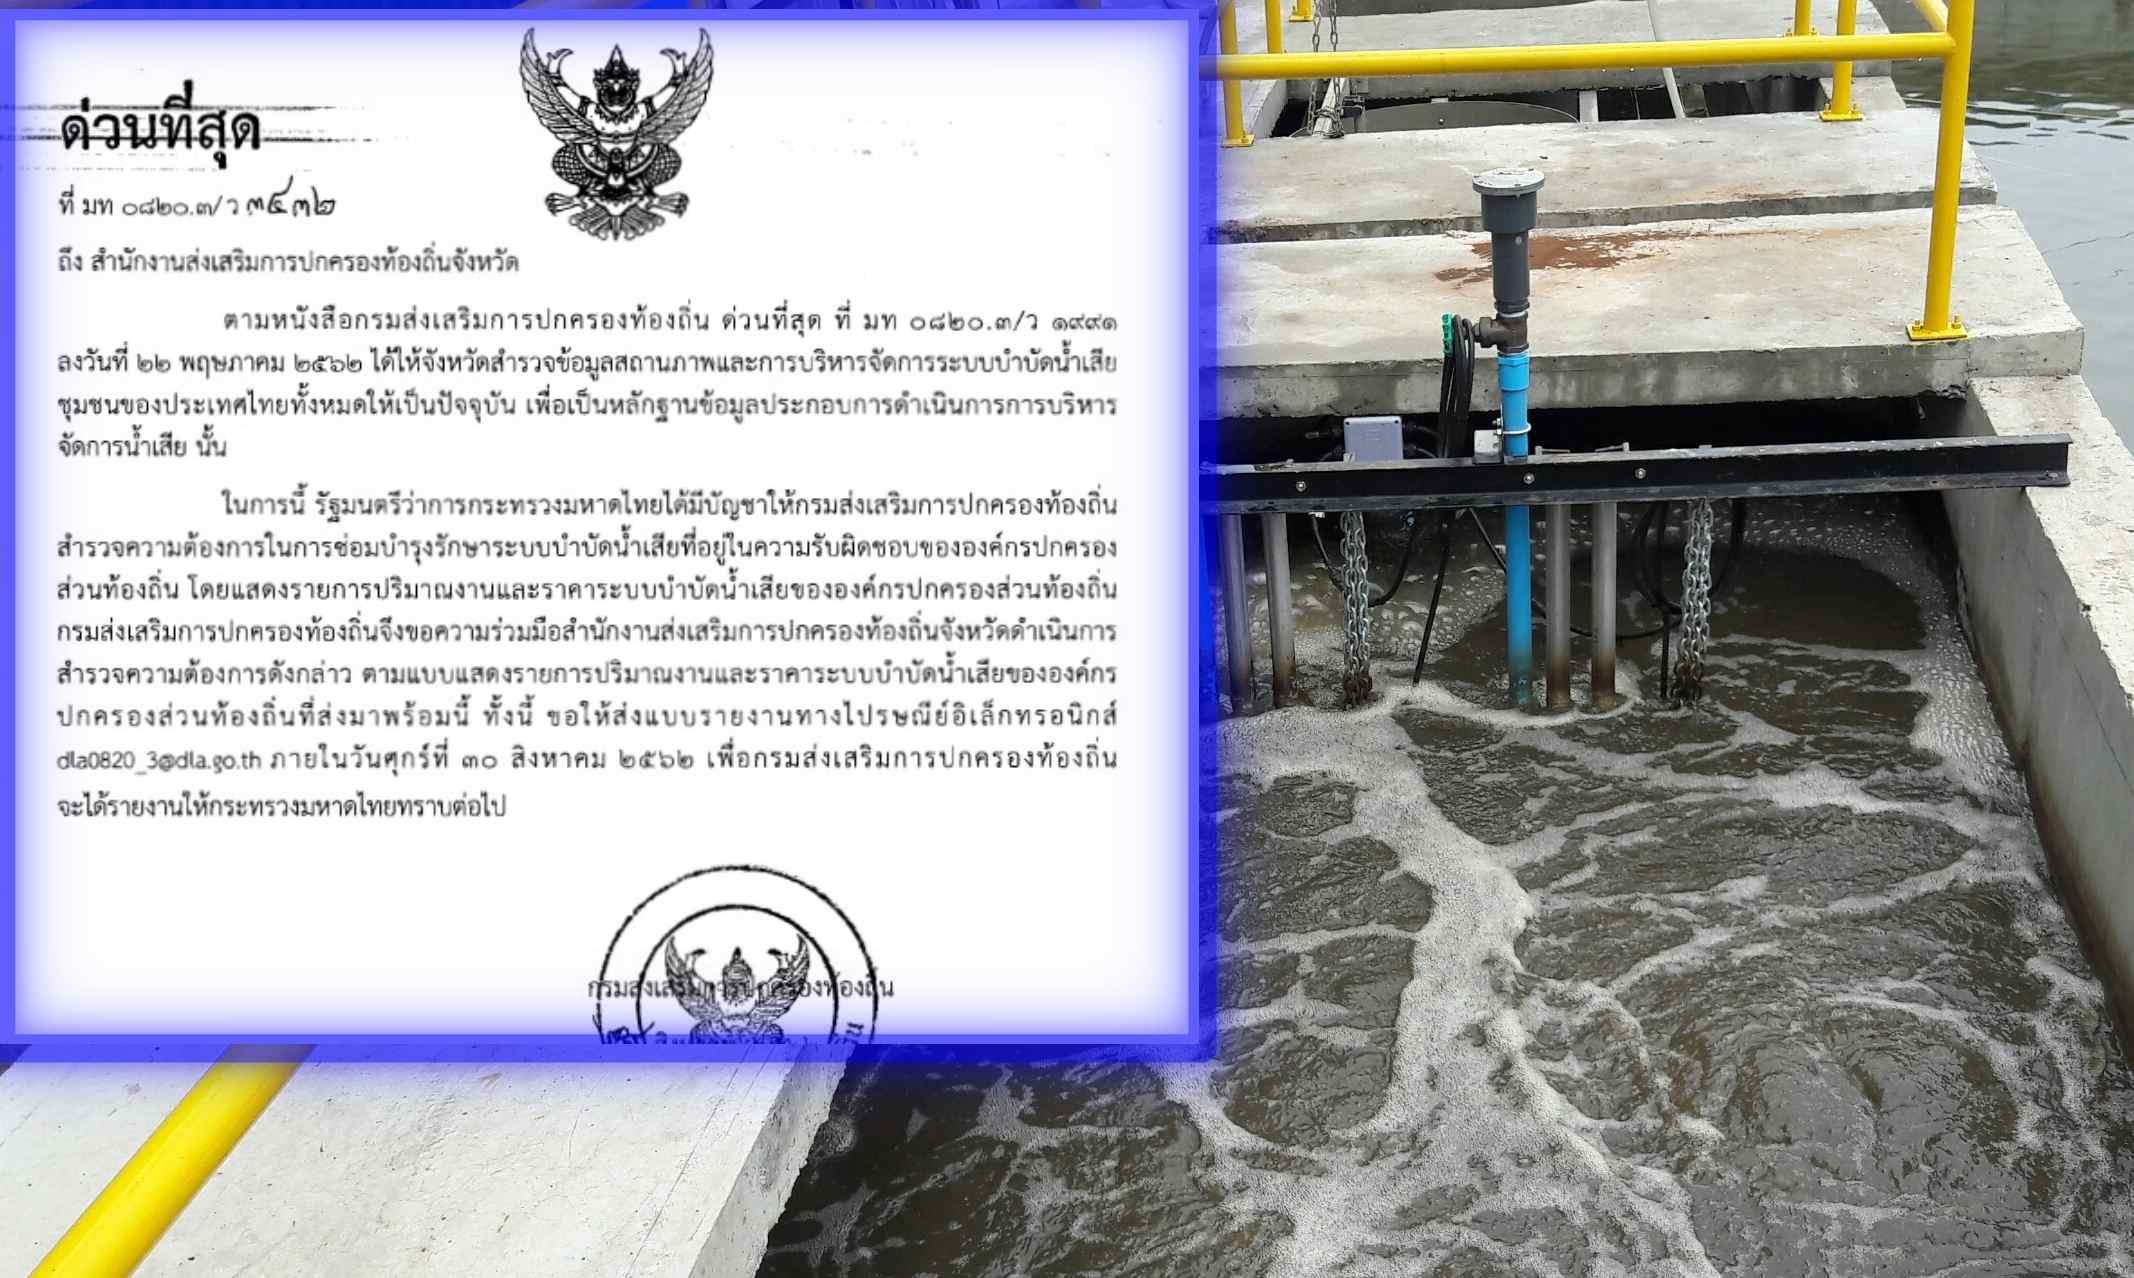 """เร่งท้องถิ่นสำรวจความต้องการ """"ซ่อมระบบบำบัดน้ำเสีย"""" 64 อปท. จ่อชง มท.1 ทำนโยบายบริหารจัดการนํ้าเสีย"""